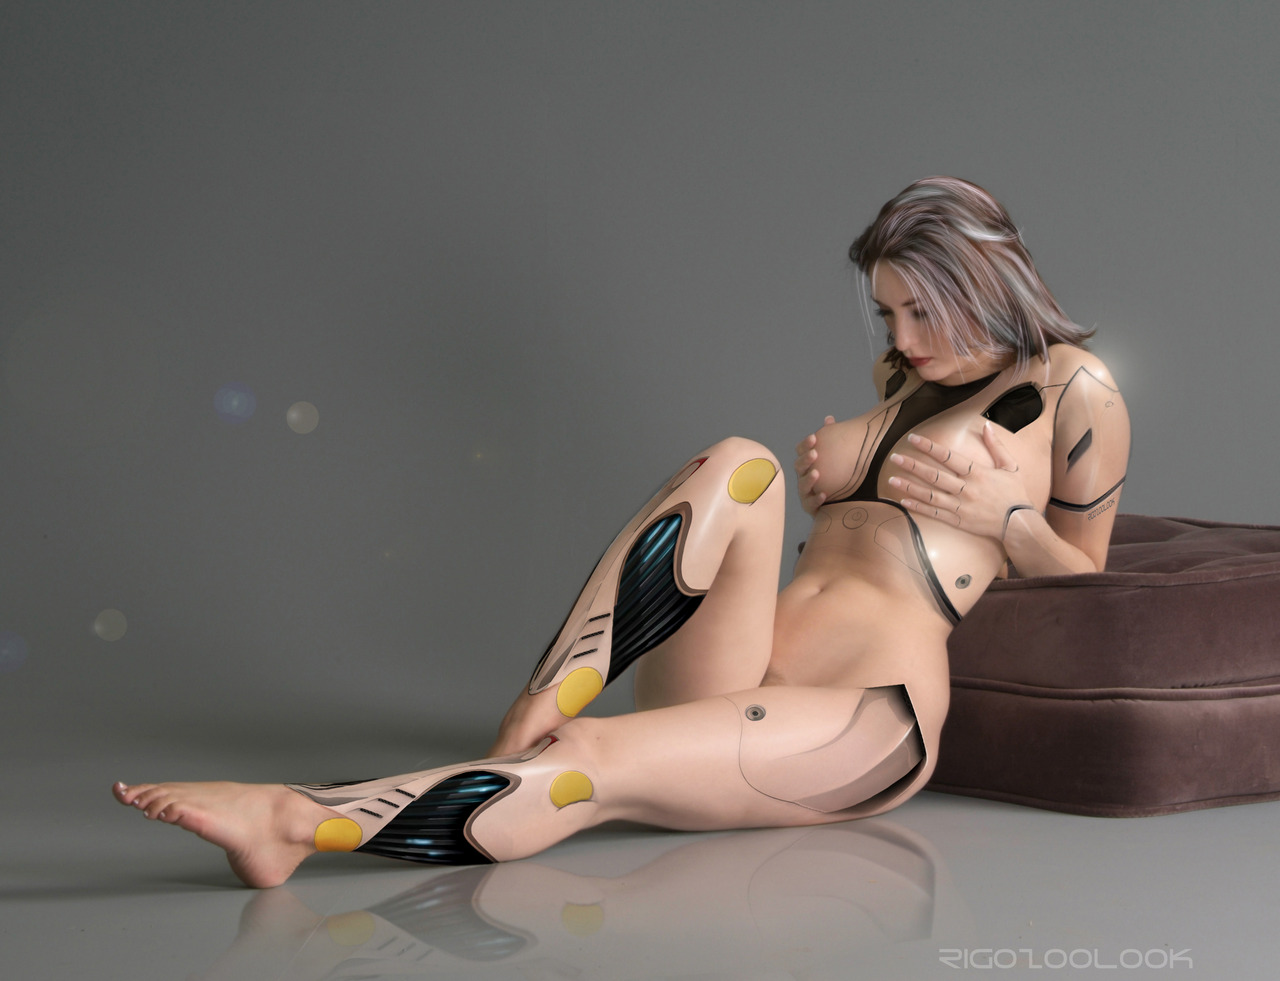 Futurism Retro Sexy Robot